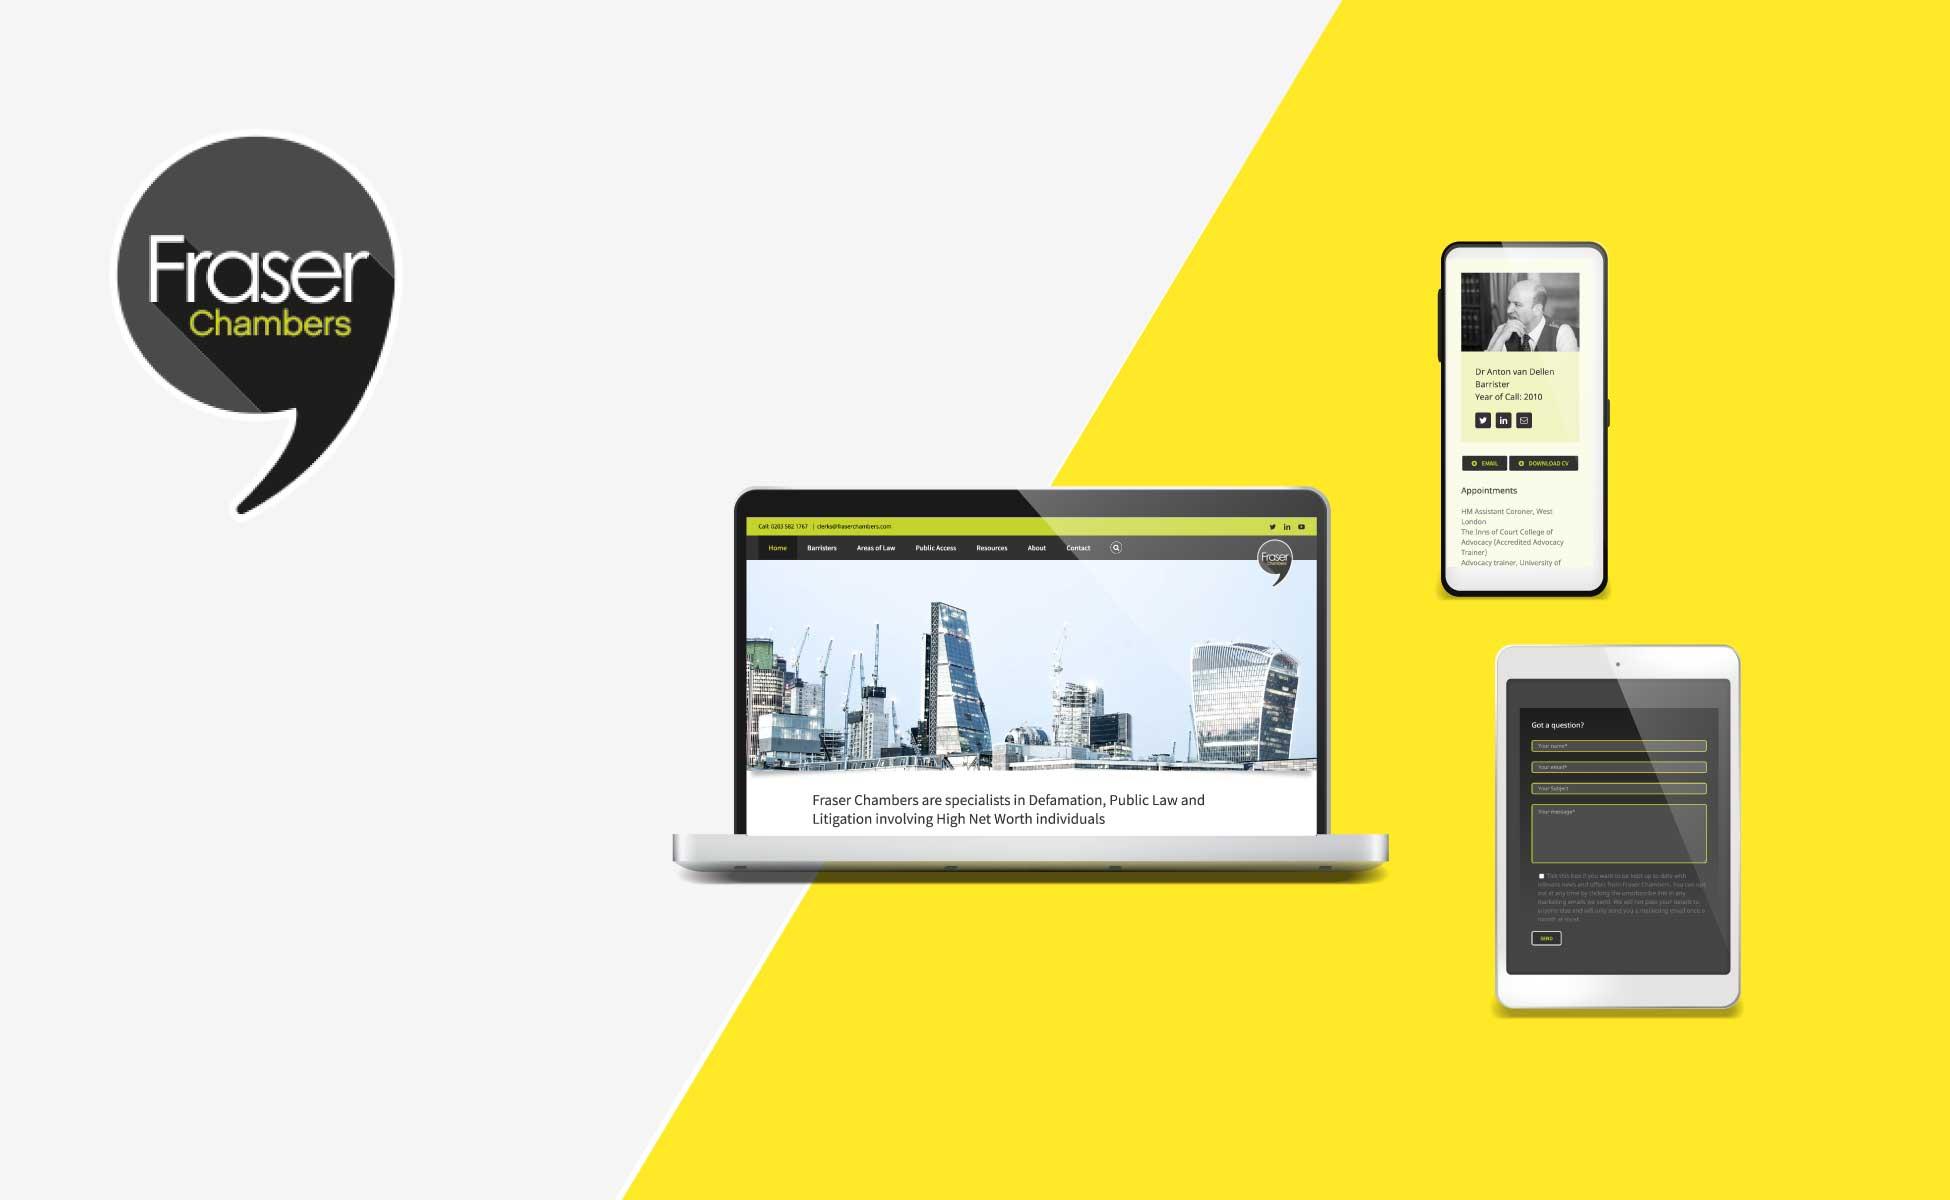 Fraser Chambers Website Design